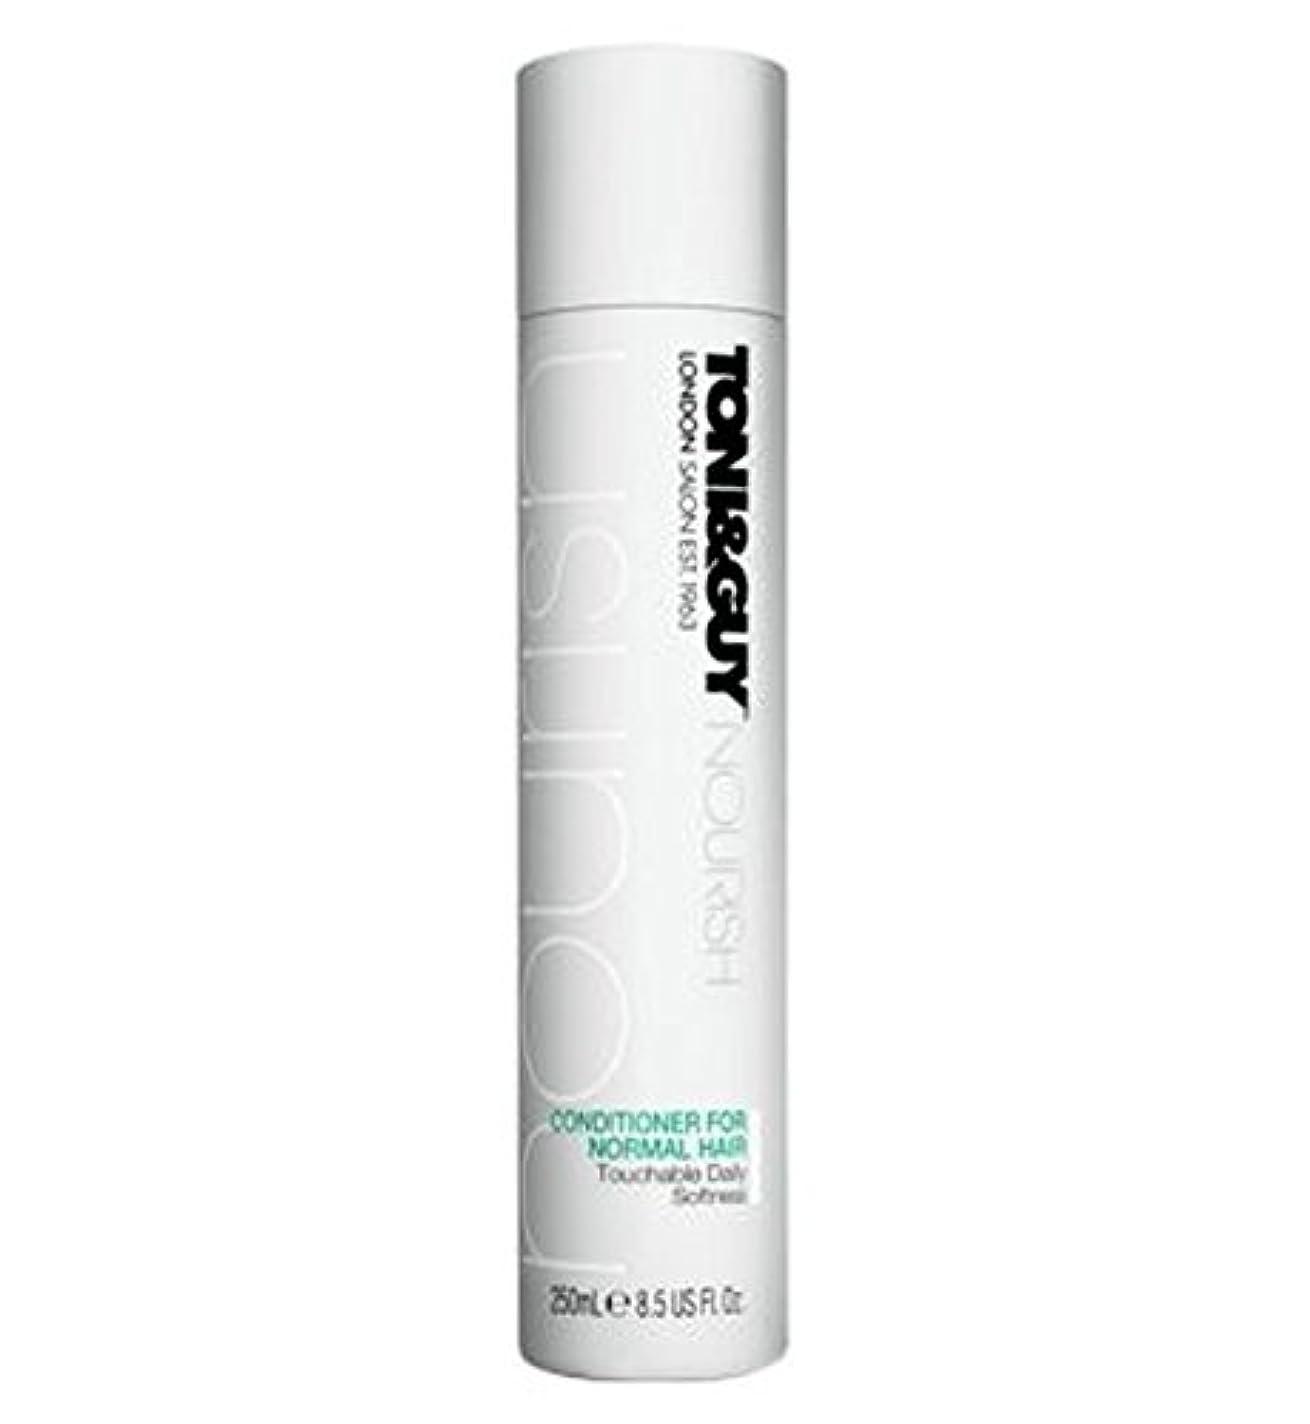 ディベート取り出すフェードToni&Guy Conditioner for Normal Hair 250ml - ノーマルヘア250ミリリットルのためのトニ&男コンディショナー (Toni & Guy) [並行輸入品]